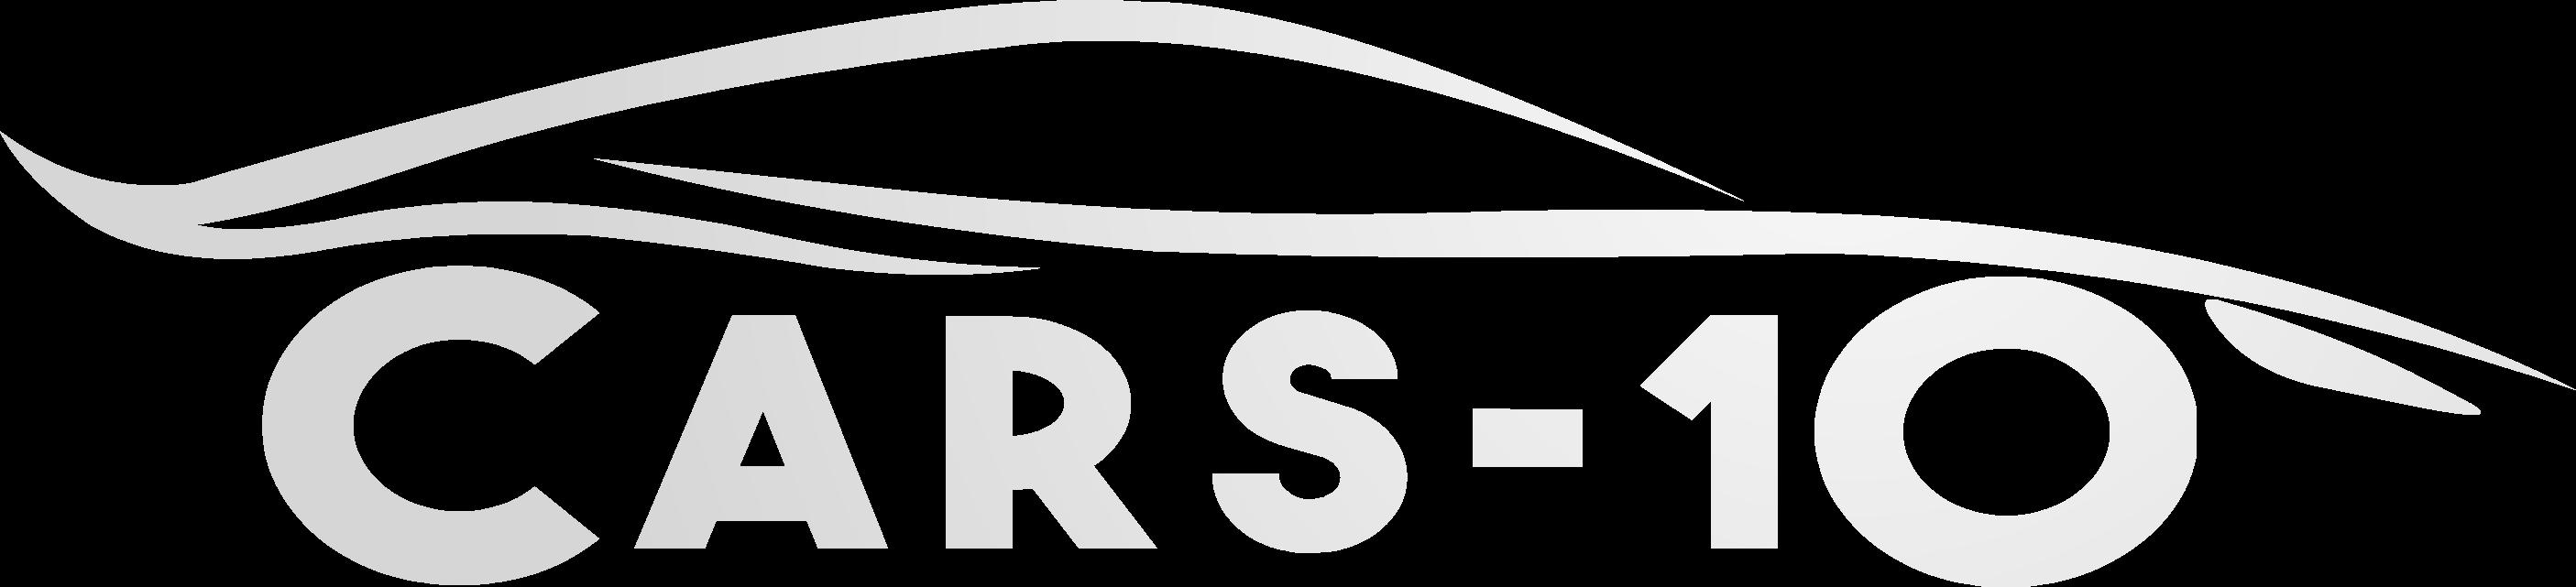 Cars-Ten.com